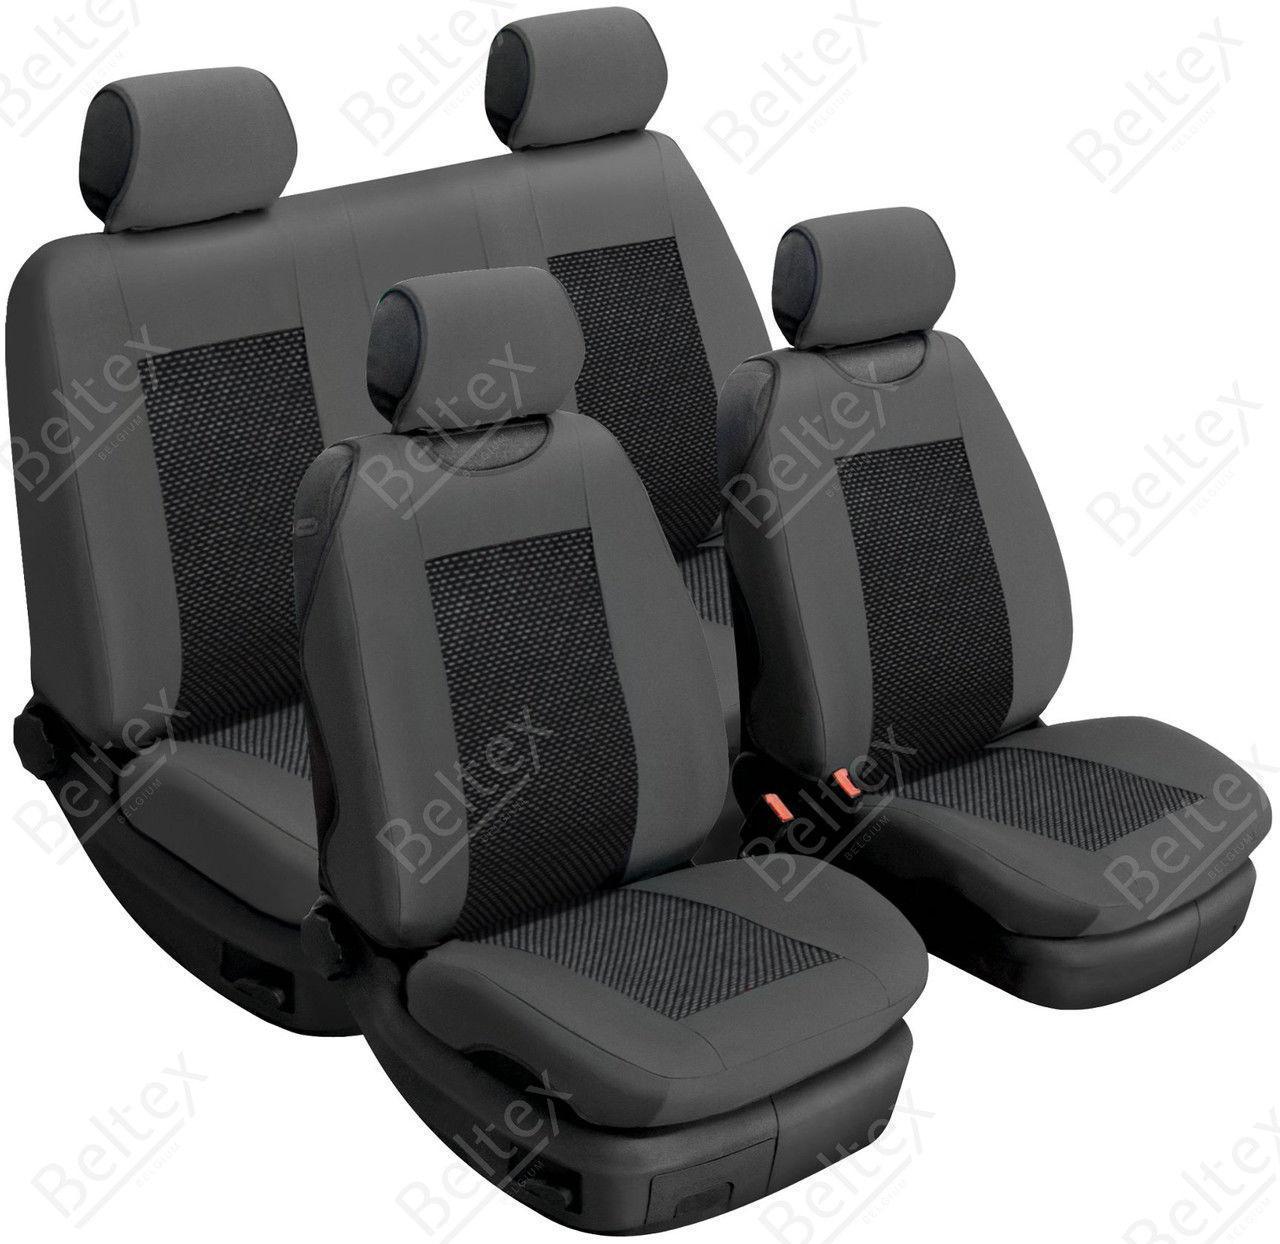 Майки/чехлы на сиденья Форд Фокус Экобуст (Ford Focus III ecoboost)